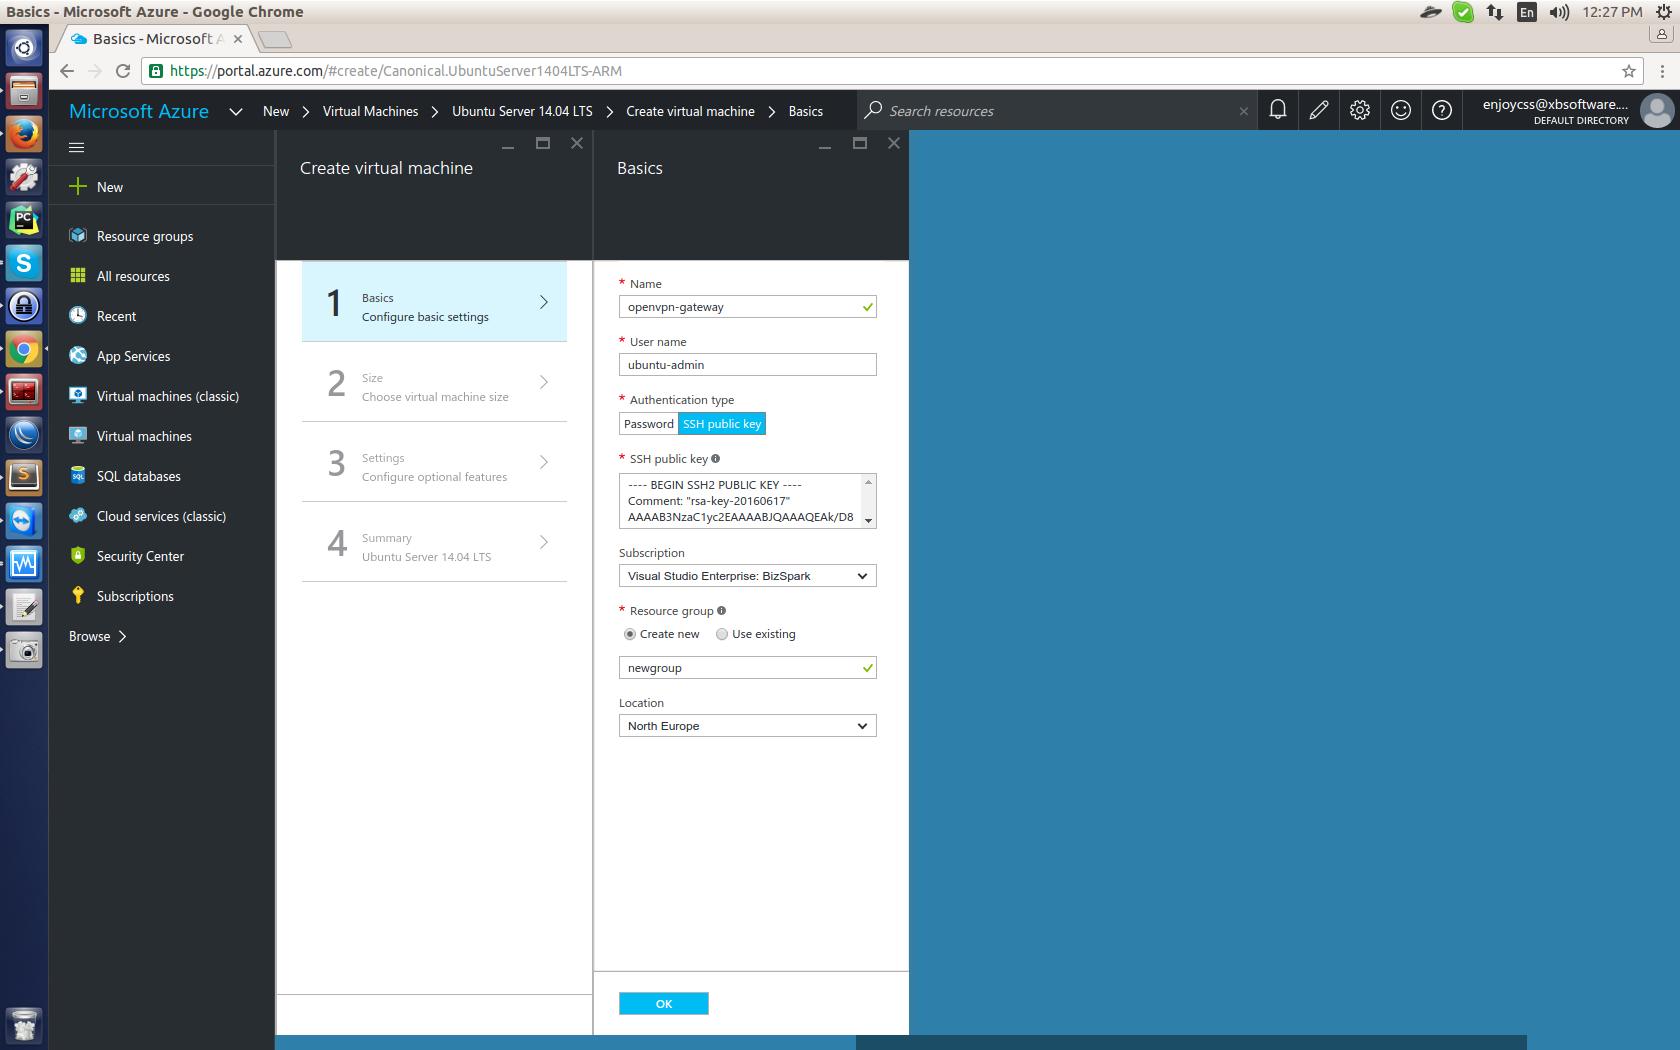 OpenVPN в Microsoft Azure для виртуального объединения подписок. Опыт GanttPRO — сервиса для управления проектами - 5